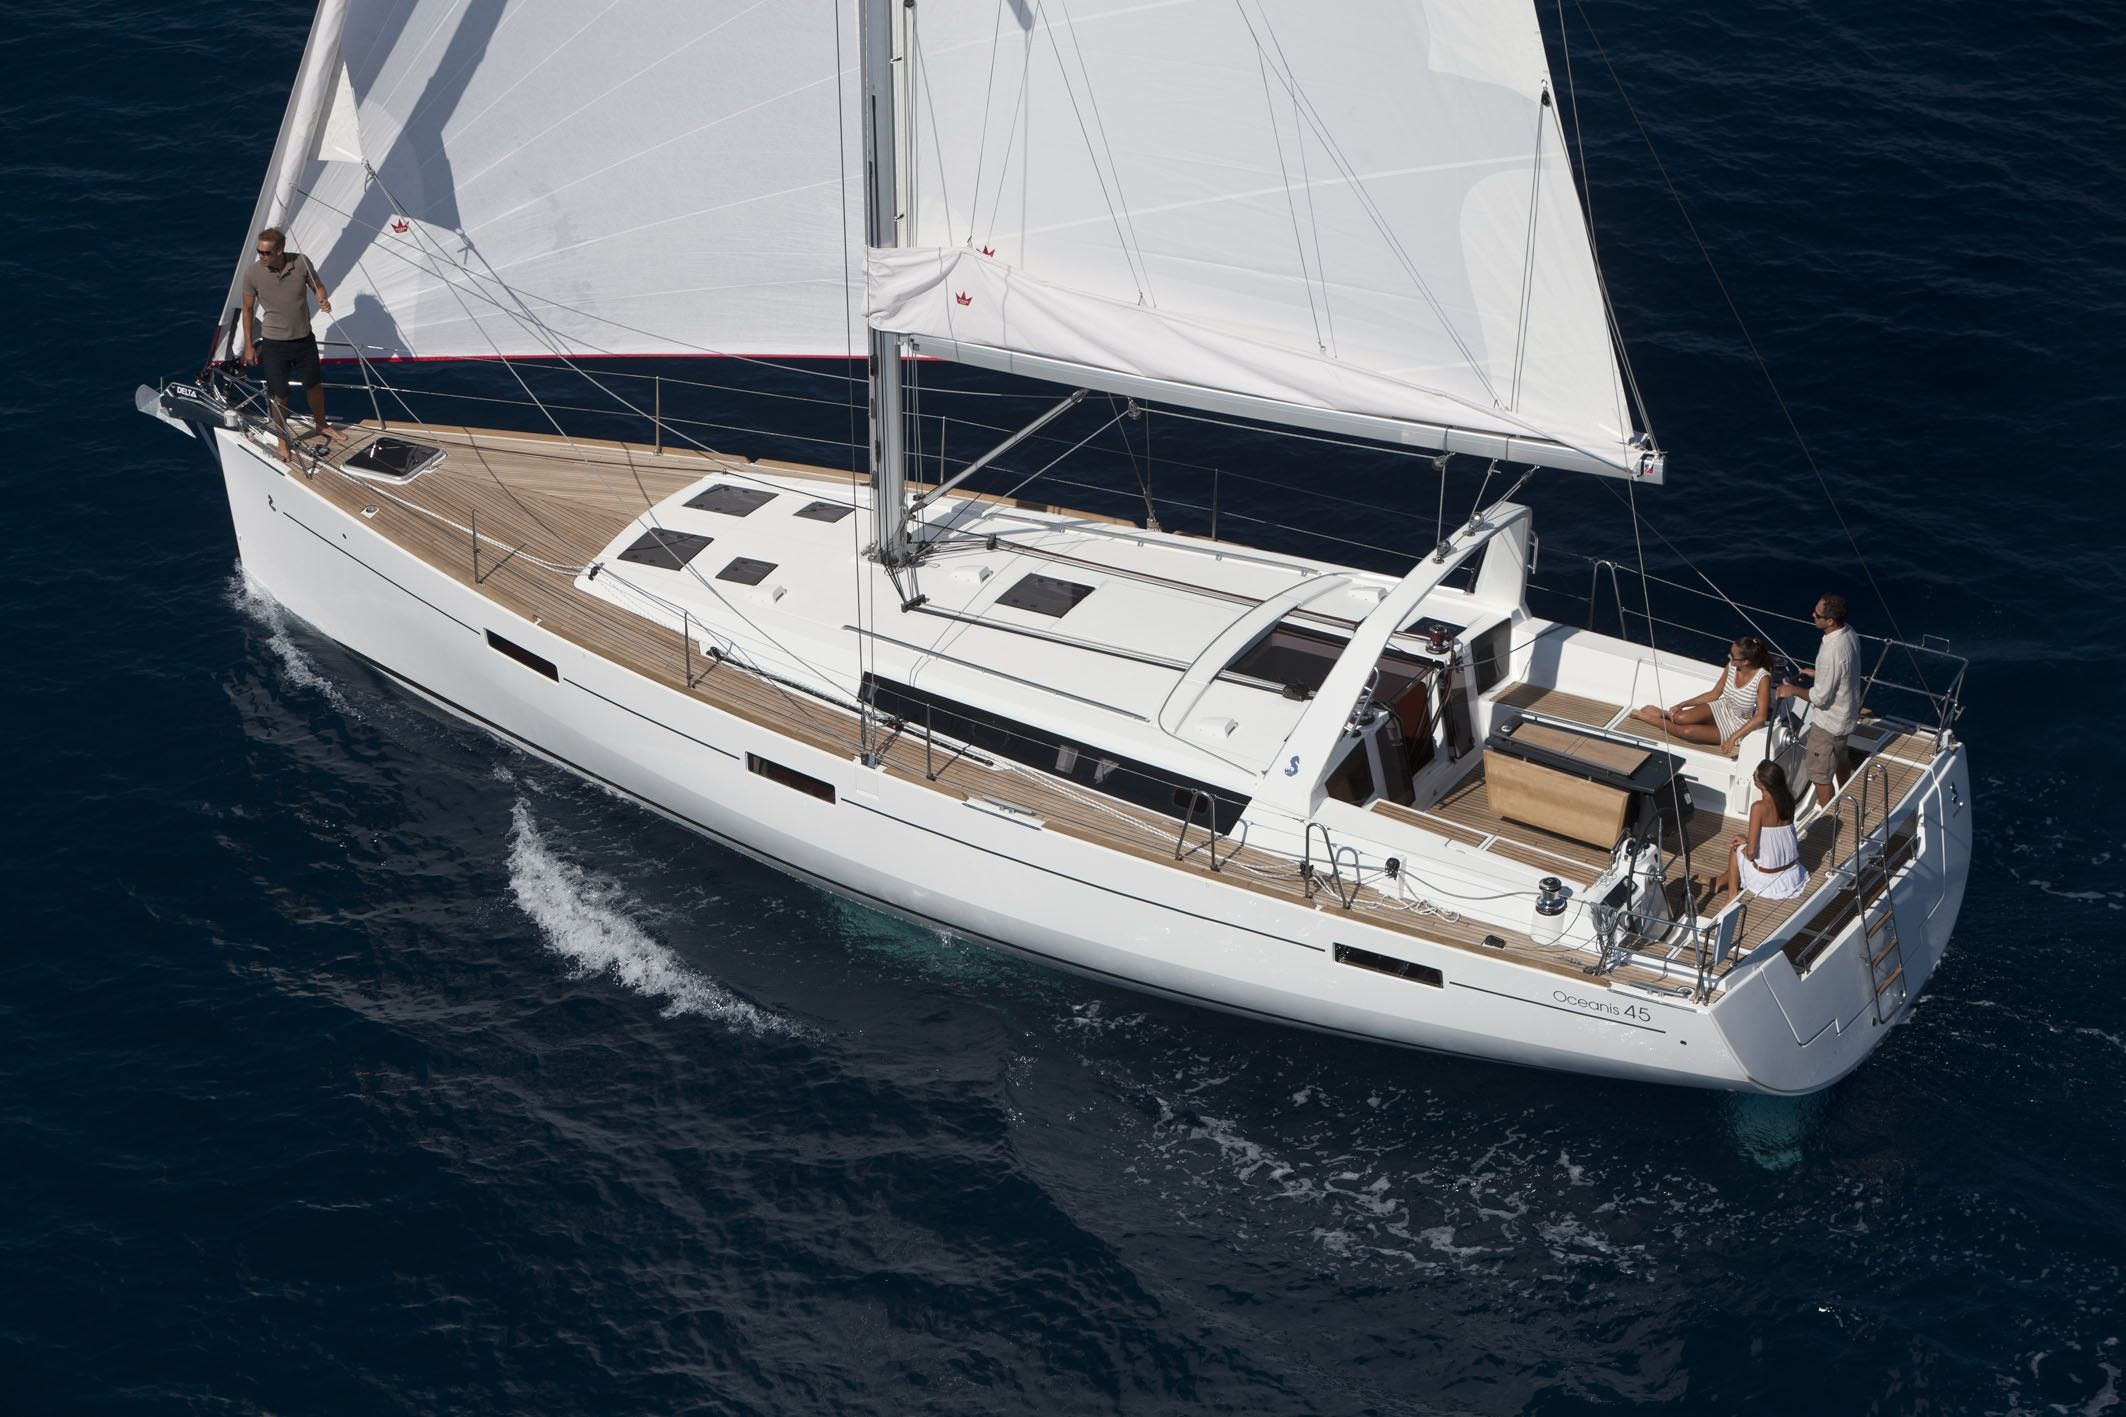 Oceanis 45 - 4 Cabins - Portisco - Sardinia